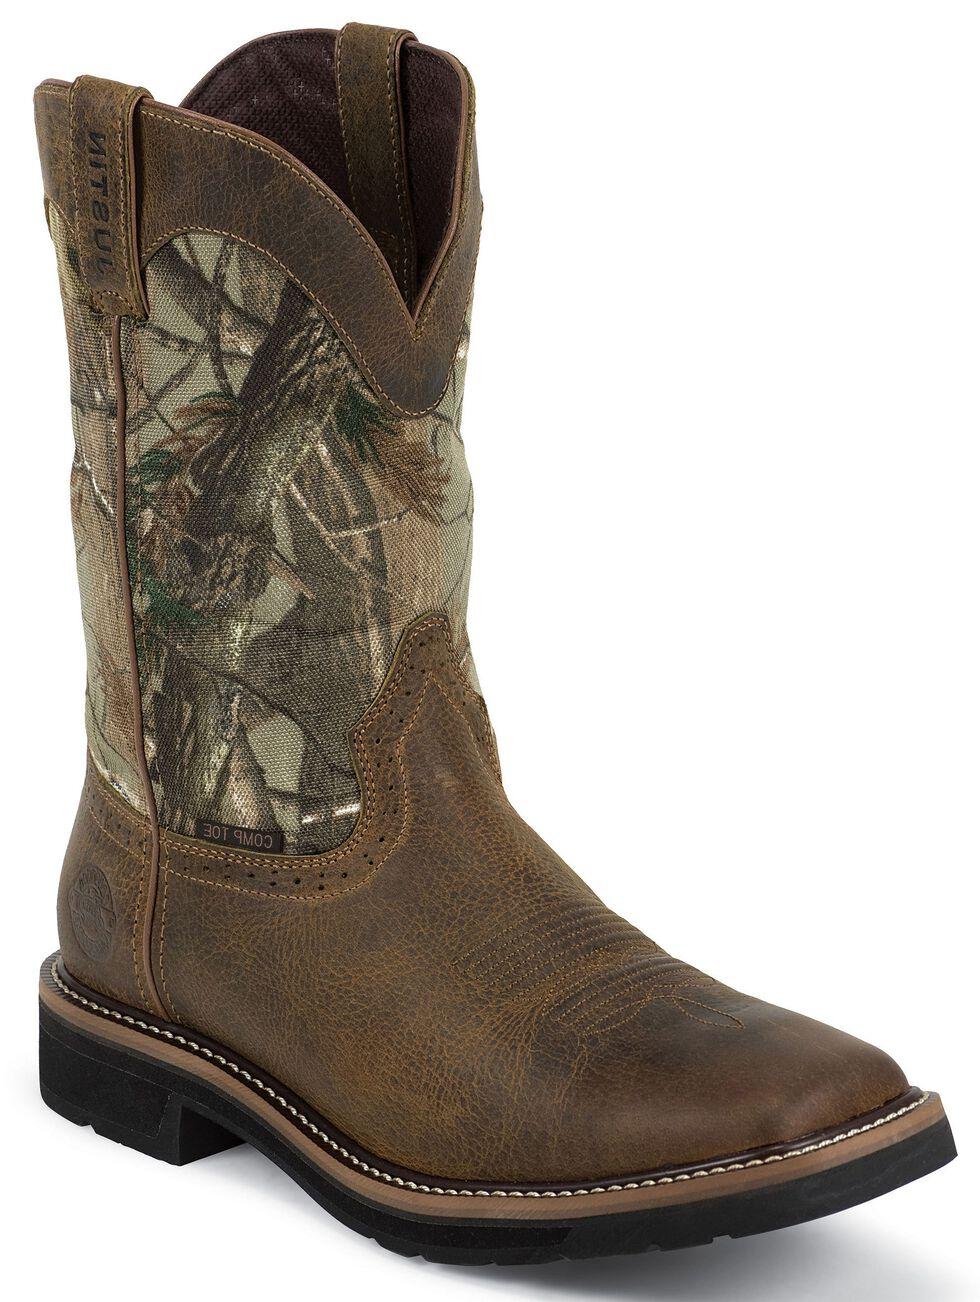 Justin Men's Stampede Trekker Camo Waterproof Boots - Composite Toe, Tan, hi-res